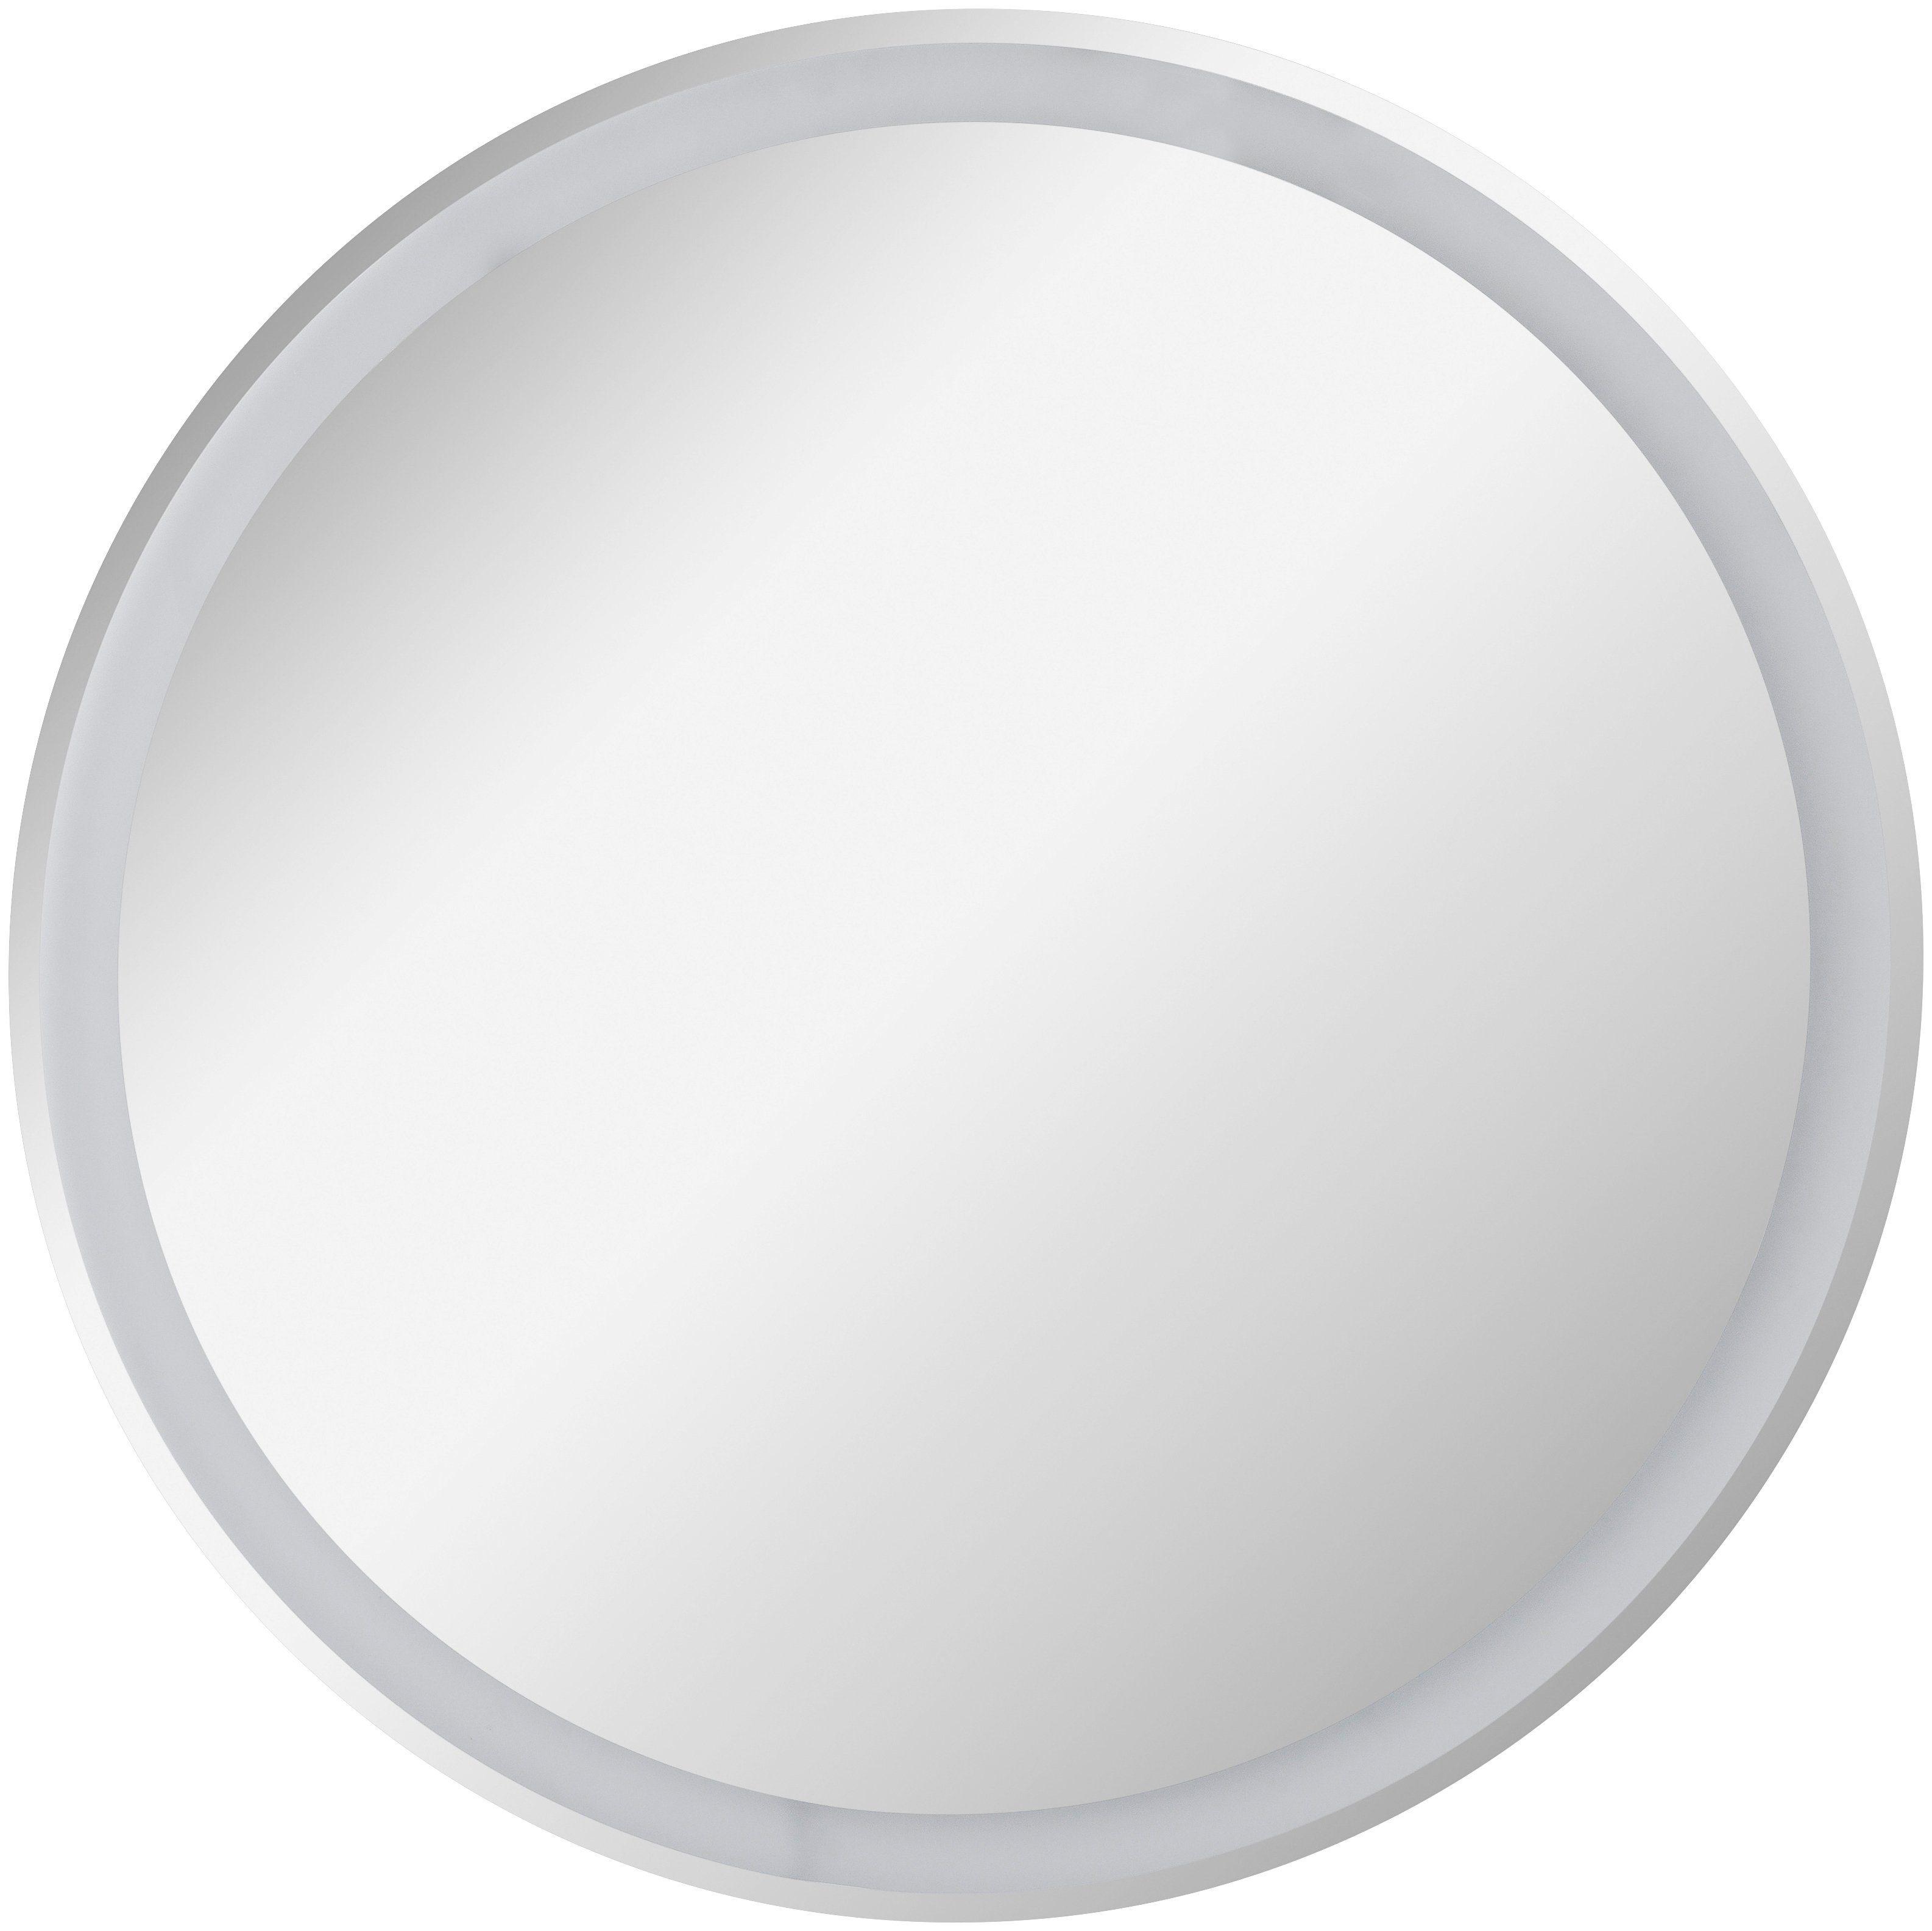 FACKELMANN Spiegelelement »MIRRORS«, Rund, klein